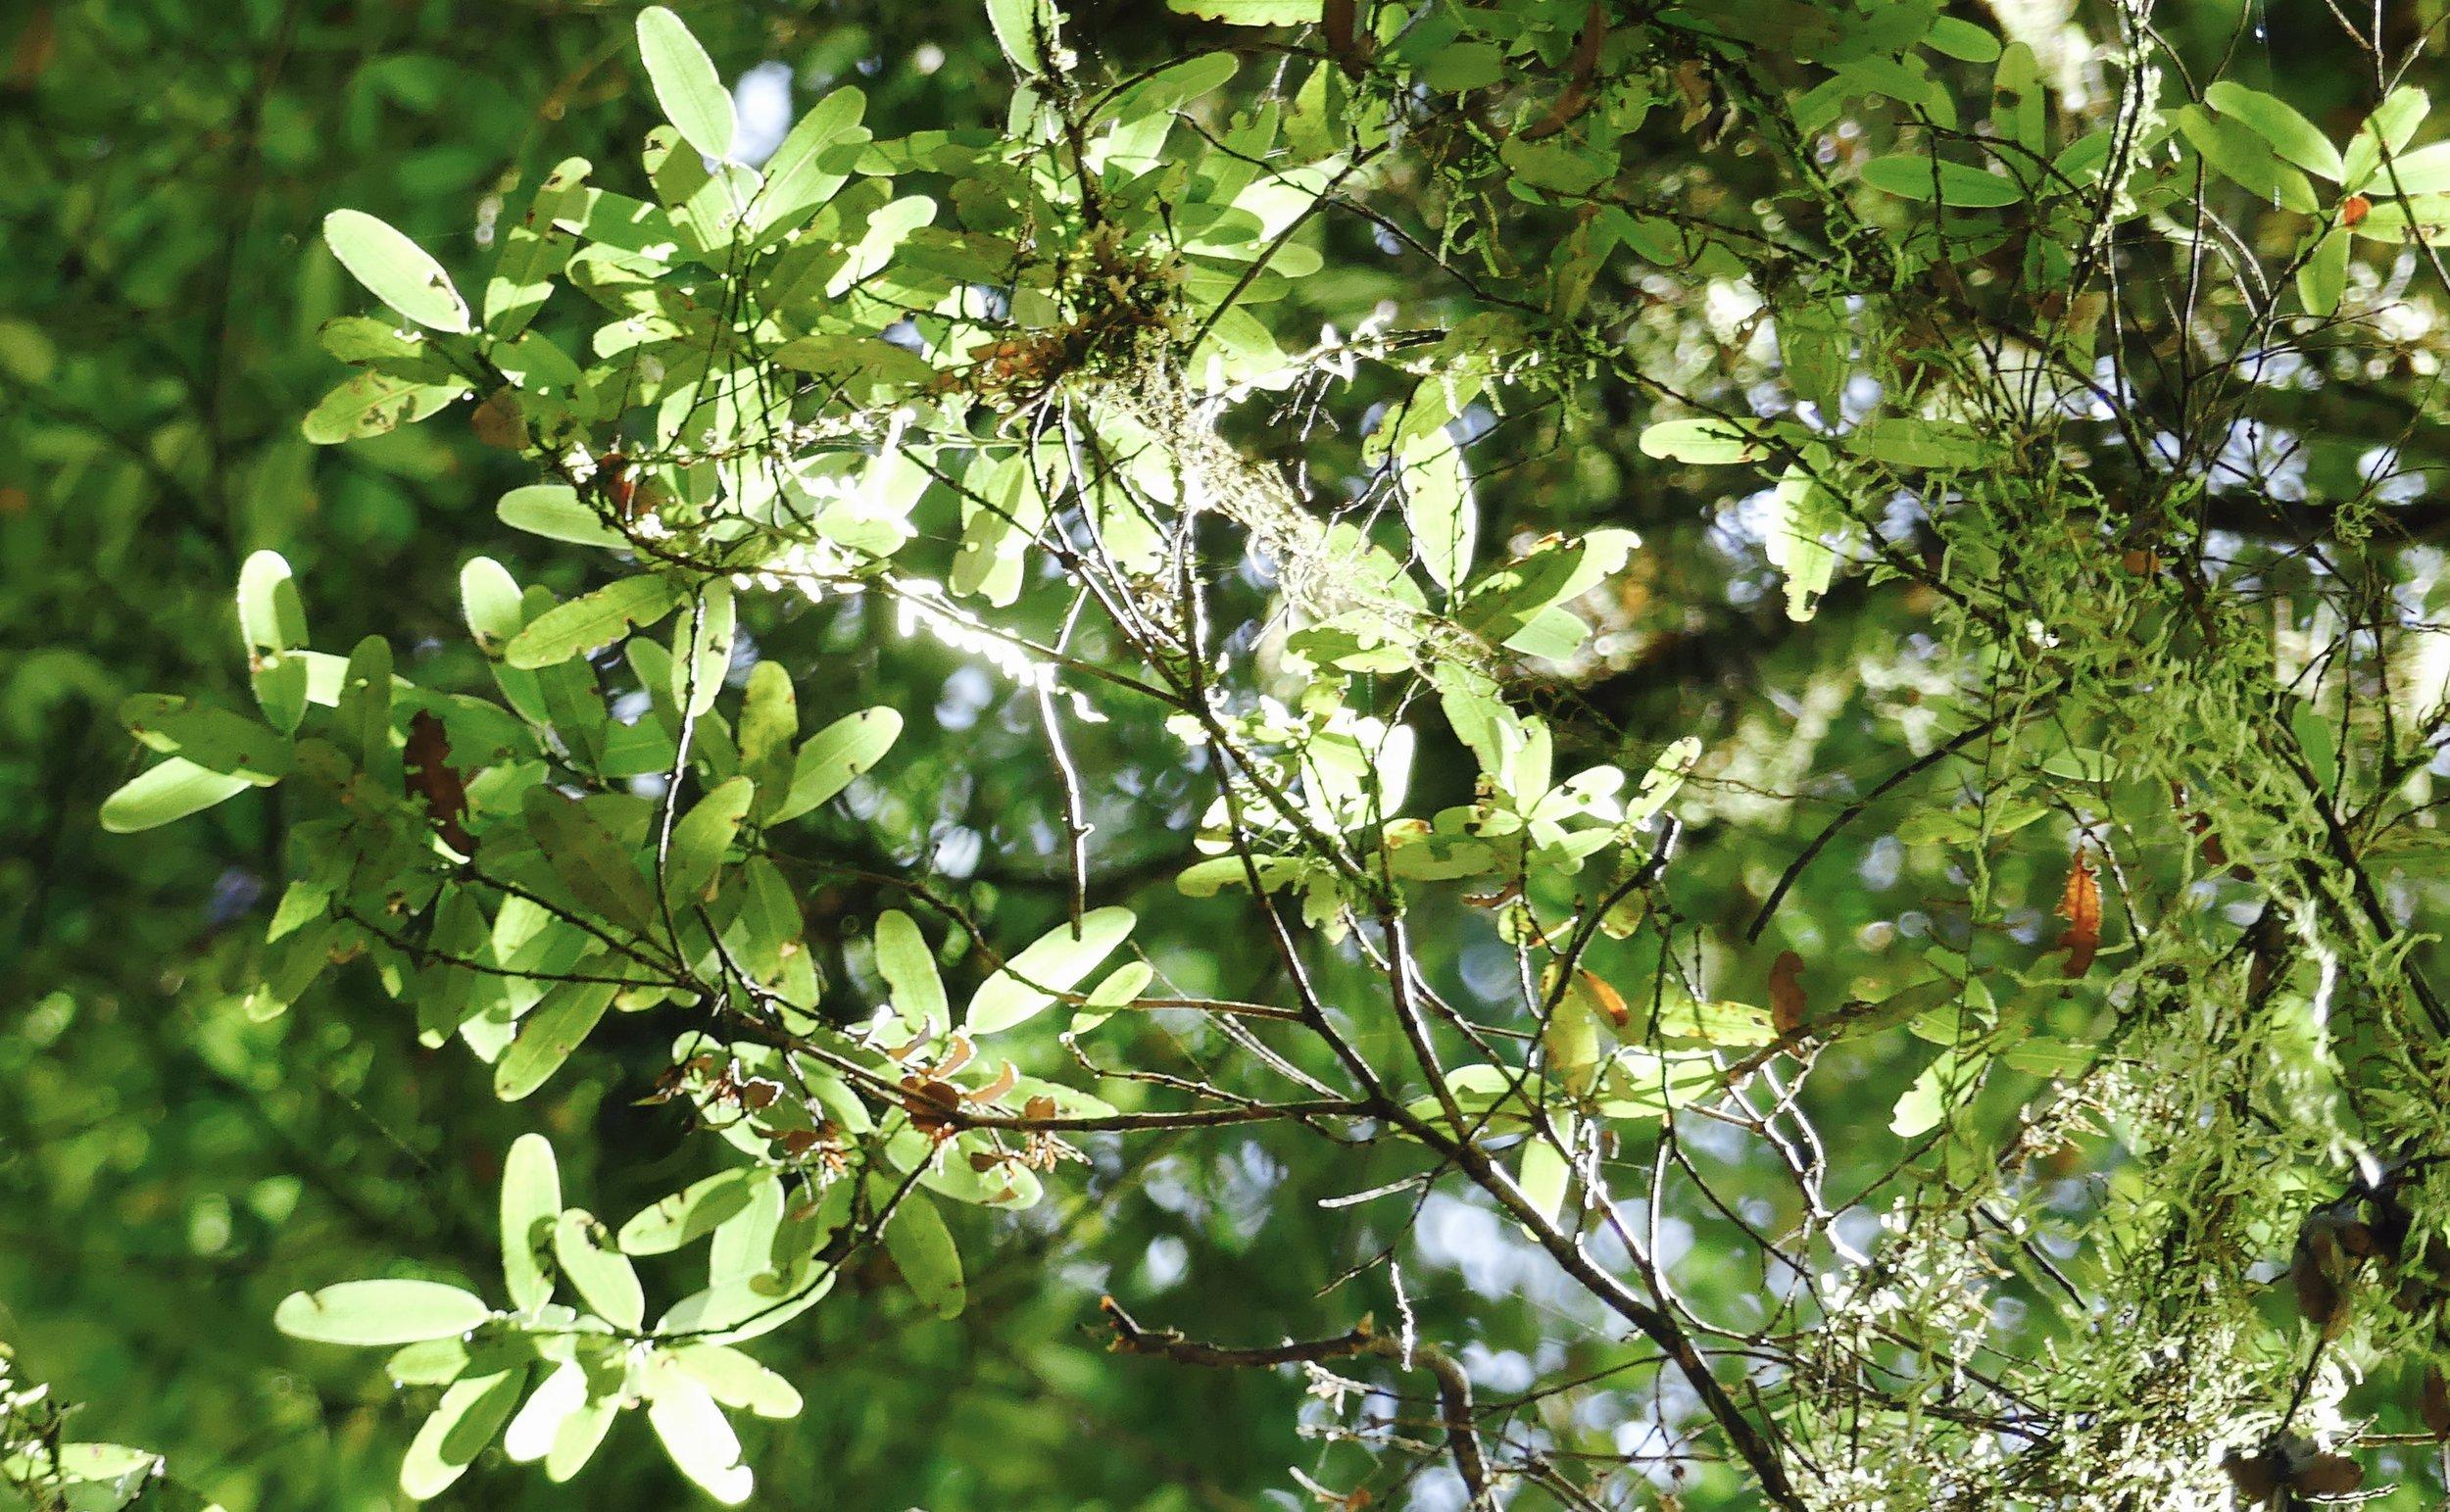 Paddle-shaped Leatherwood leaves